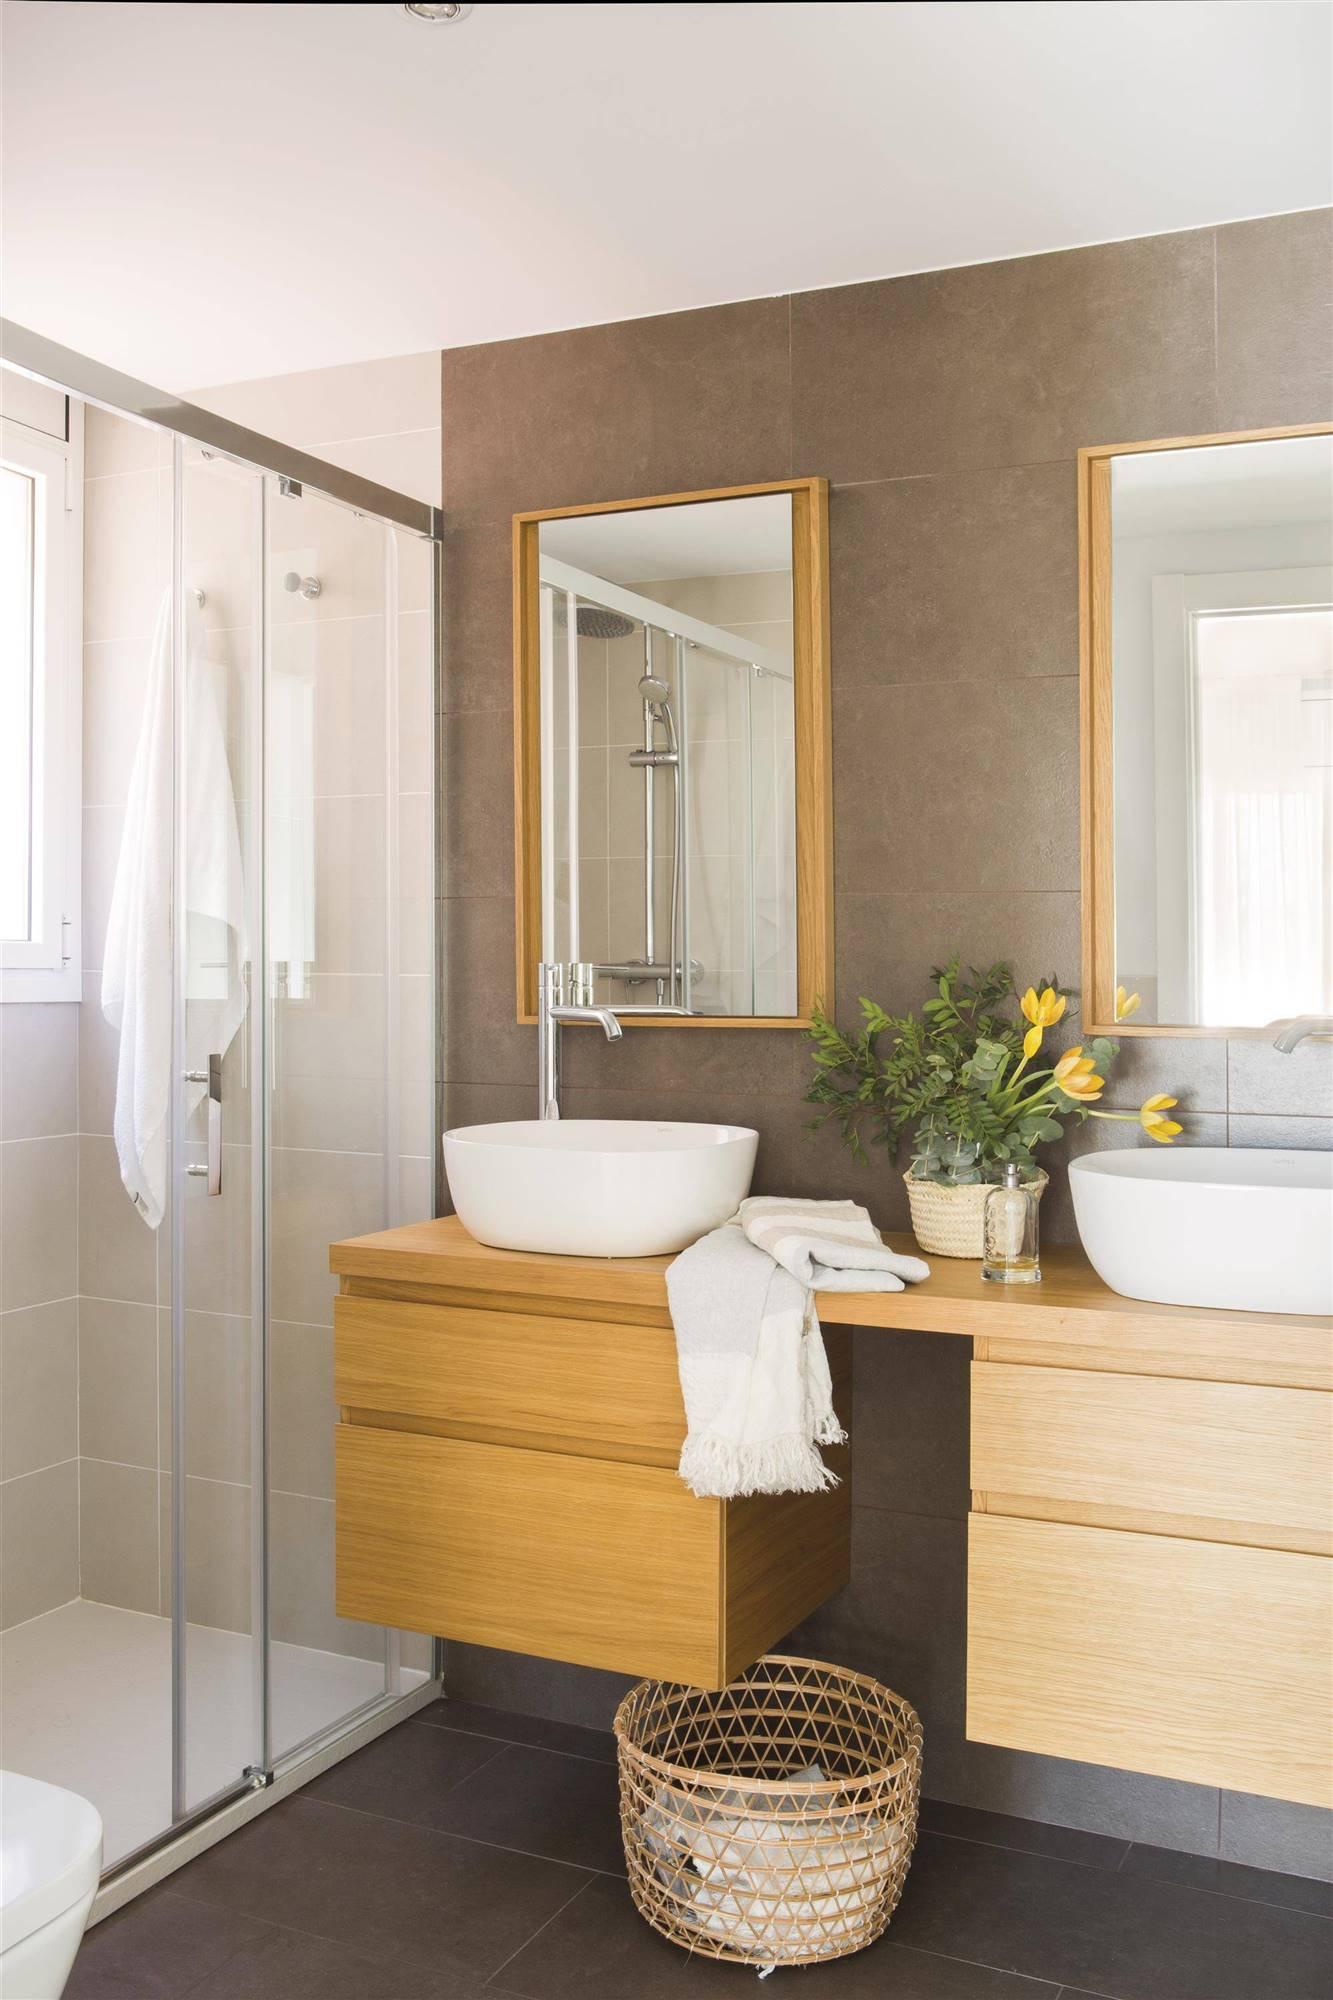 Dimensiones y medidas m nimas del ba o en cent metros for Mueble de bano doble lavabo de madera